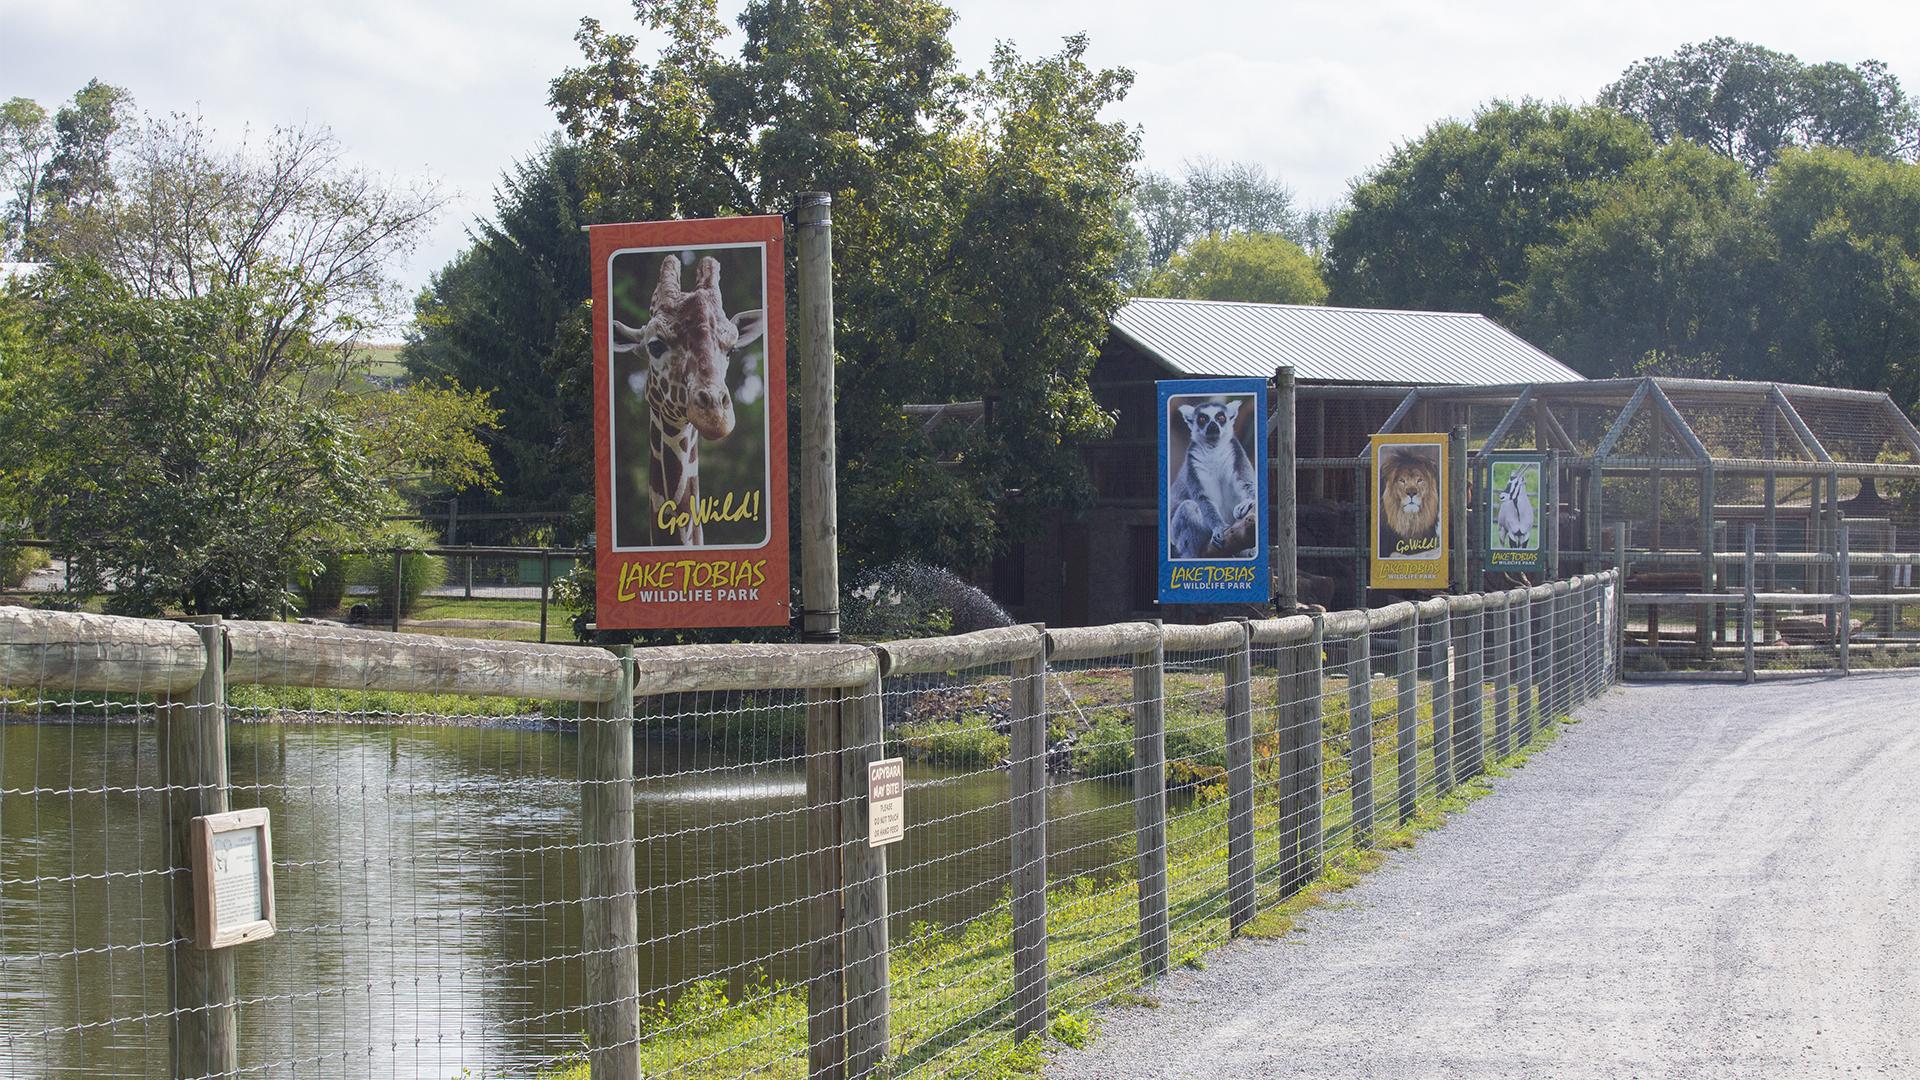 Zoo exhibits at Lake Tobias Wildlife Park